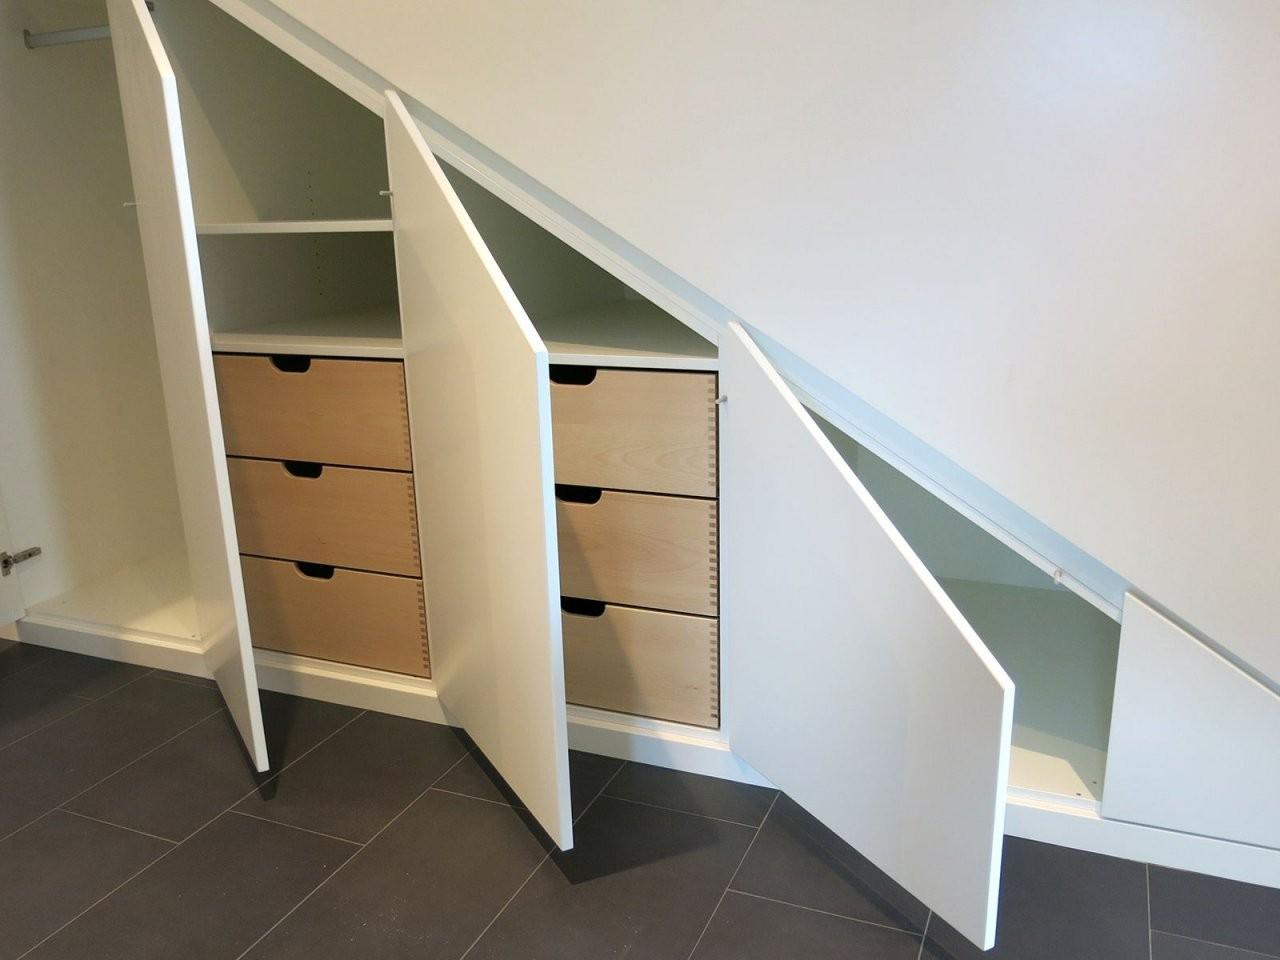 Einbauschrank Für Eine Dachschräge Oder Unter Der Treppe Gefertigt von Regal Für Unter Die Treppe Photo